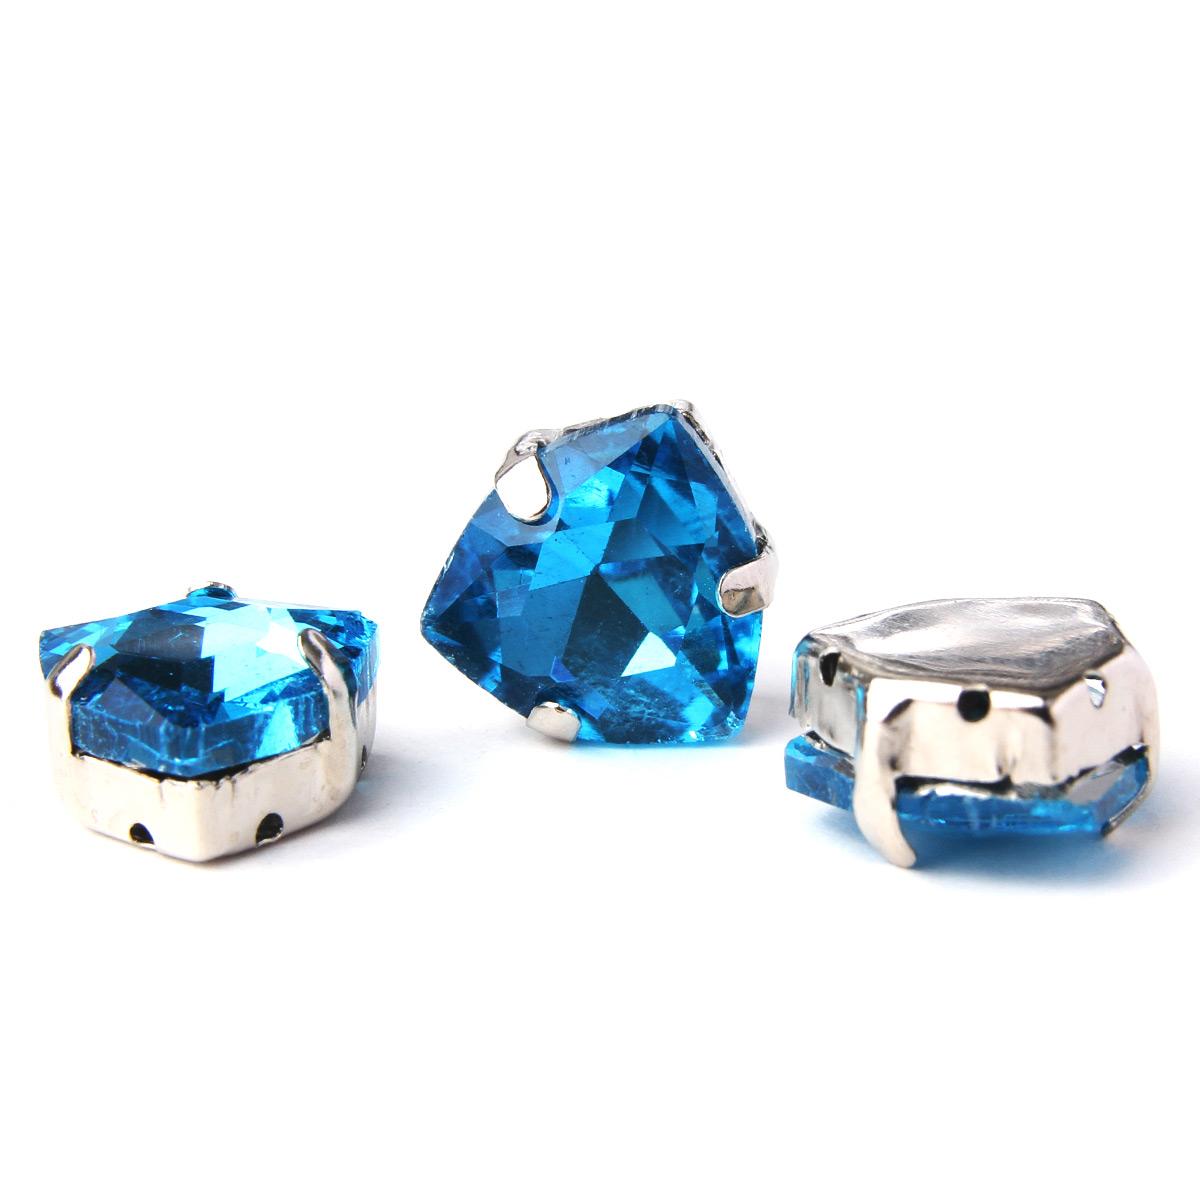 ТЦ009НН12 Хрустальные стразы в цапах треугольные (серебро) ярко-голубой 12мм, 3шт/упак Астра